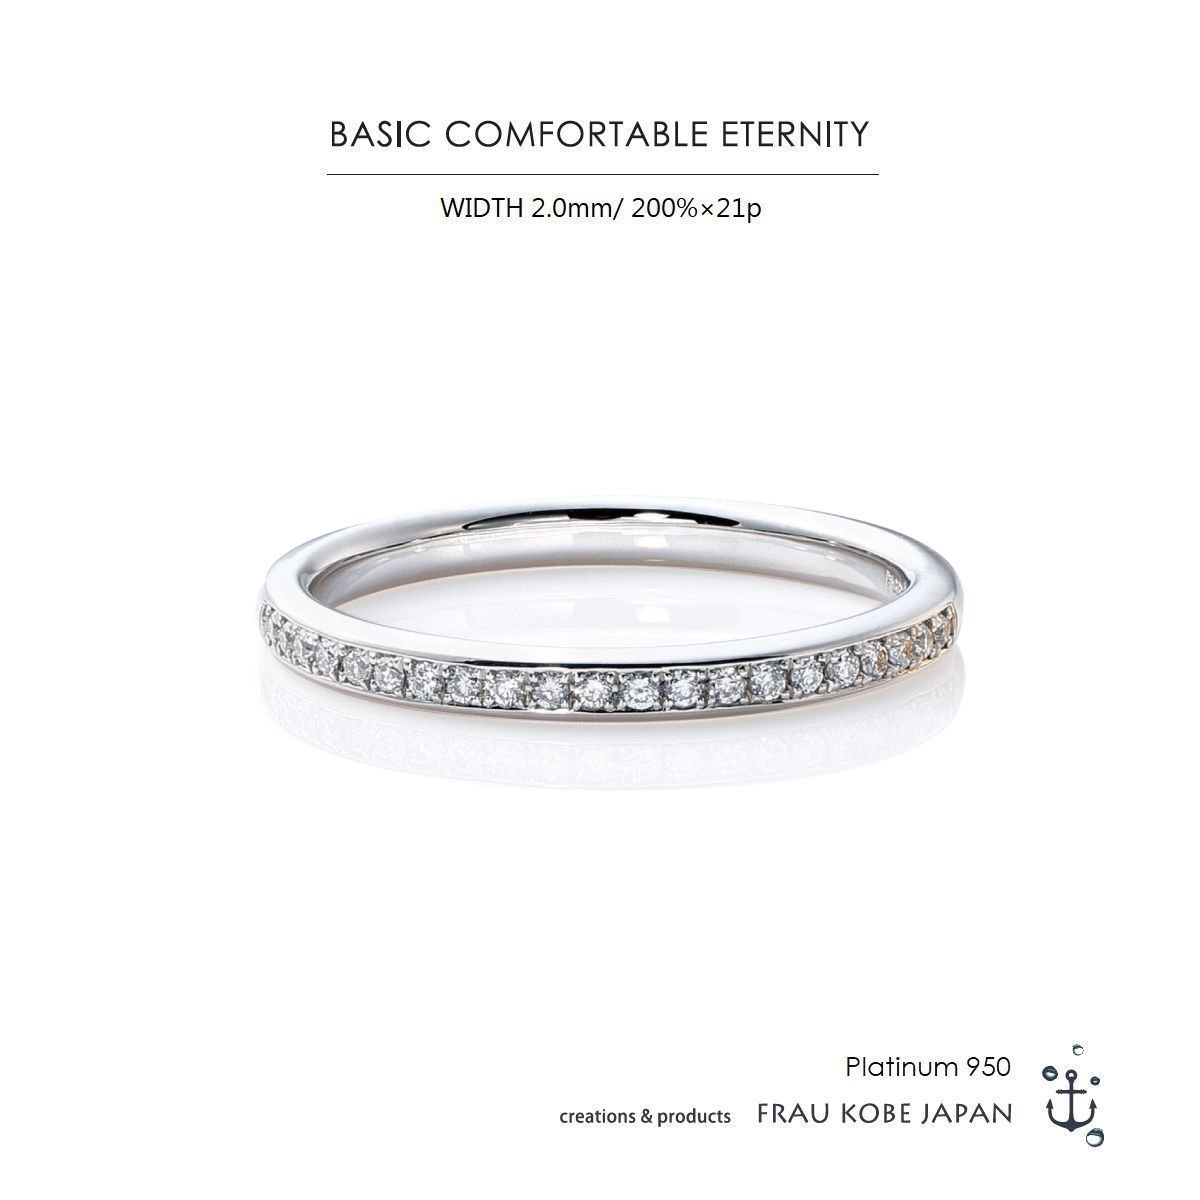 「BASIC COMFORTABLE ETERNITY」エタニティリング2.0mm